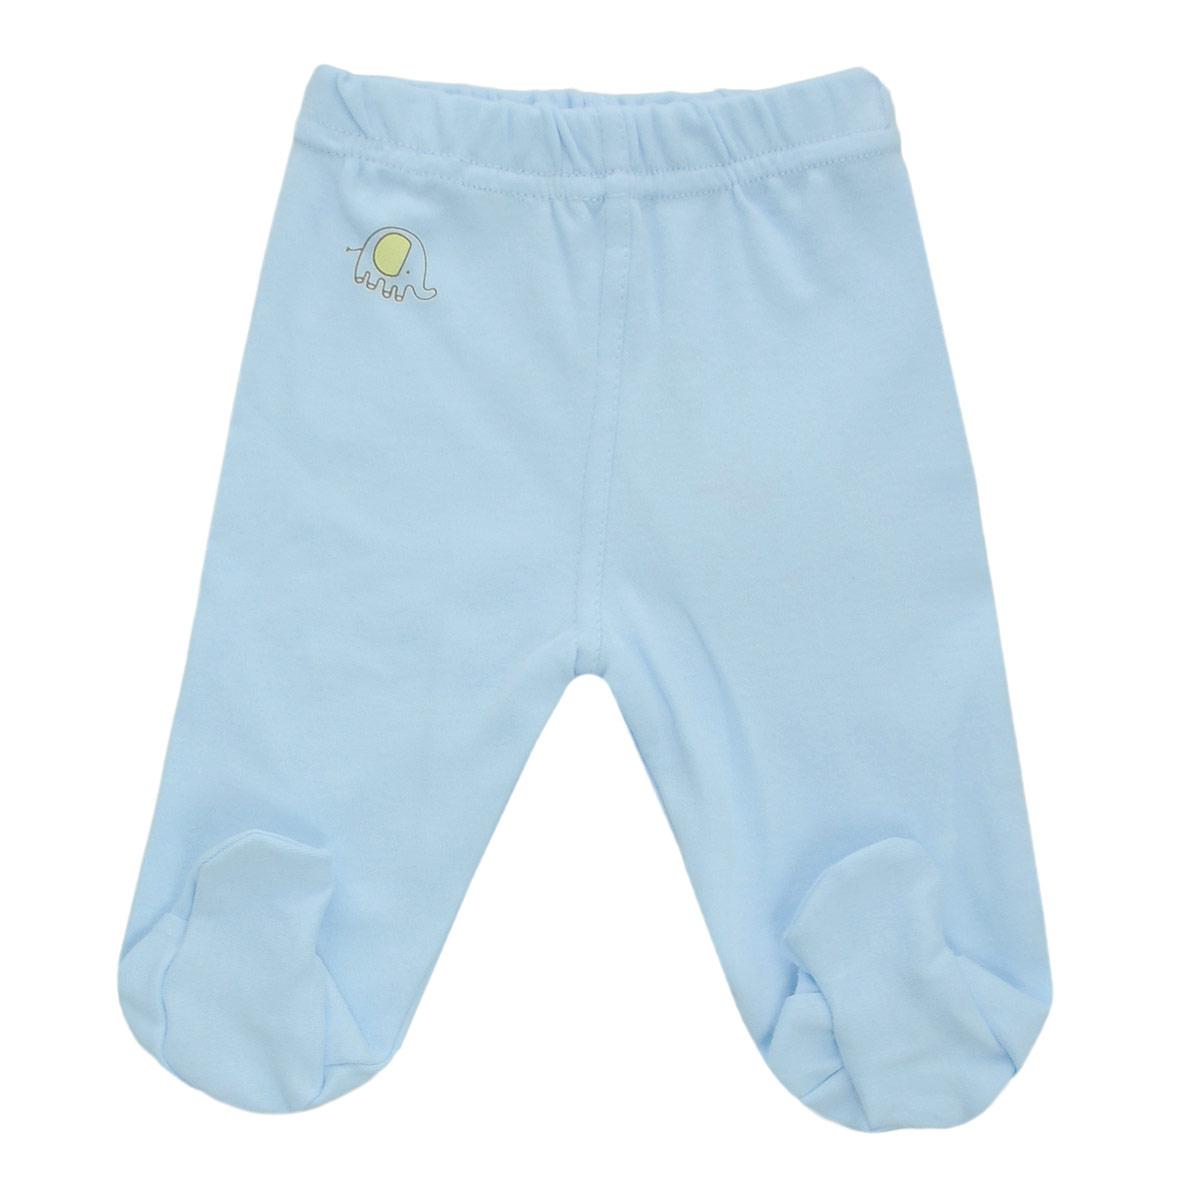 Ползунки Клякса, цвет: голубой. 37-561. Размер 74, 9 месяцев37-561Ползунки для новорожденного Клякса послужат идеальным дополнением к гардеробу вашего младенца, обеспечивая ему наибольший комфорт.Модель, изготовленная из интерлока - натурального хлопка, необычайно мягкая и легкая, не раздражает нежную кожу ребенка и хорошо вентилируется, а эластичные швы приятны телу новорожденного и не препятствуют его движениям. Ползунки с закрытыми ножками благодаря мягкому эластичному поясу не сдавливают животик младенца и не сползают, идеально подходят для ношения с подгузником. Спереди изделие оформлено оригинальным принтом в виде небольшого изображения животного. Они полностью соответствуют особенностям жизни ребенка в ранний период, не стесняя и не ограничивая его в движениях. УВАЖАЕМЫЕ КЛИЕНТЫ! Обращаем ваше внимание на возможные незначительные изменения в дизайне: рисунок животного может отличатся от рисунка, изображенного на фотографии.